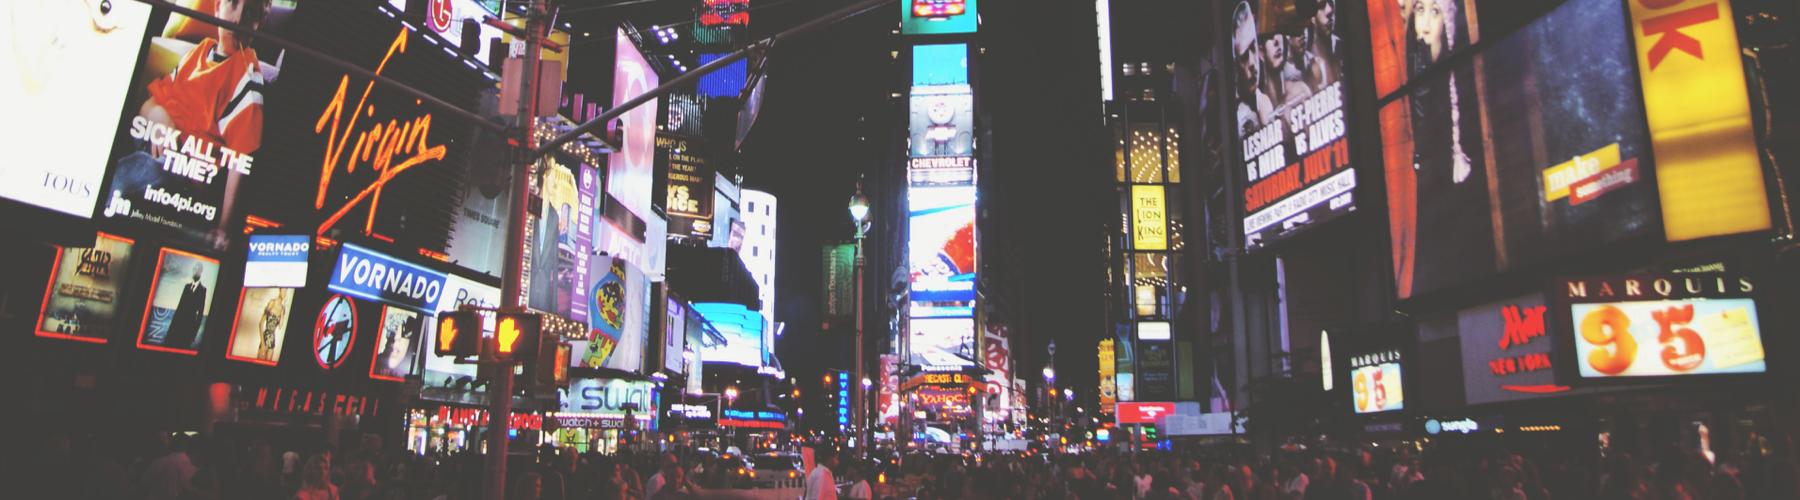 El Impacto de la Publicidad en la Cultura Popular